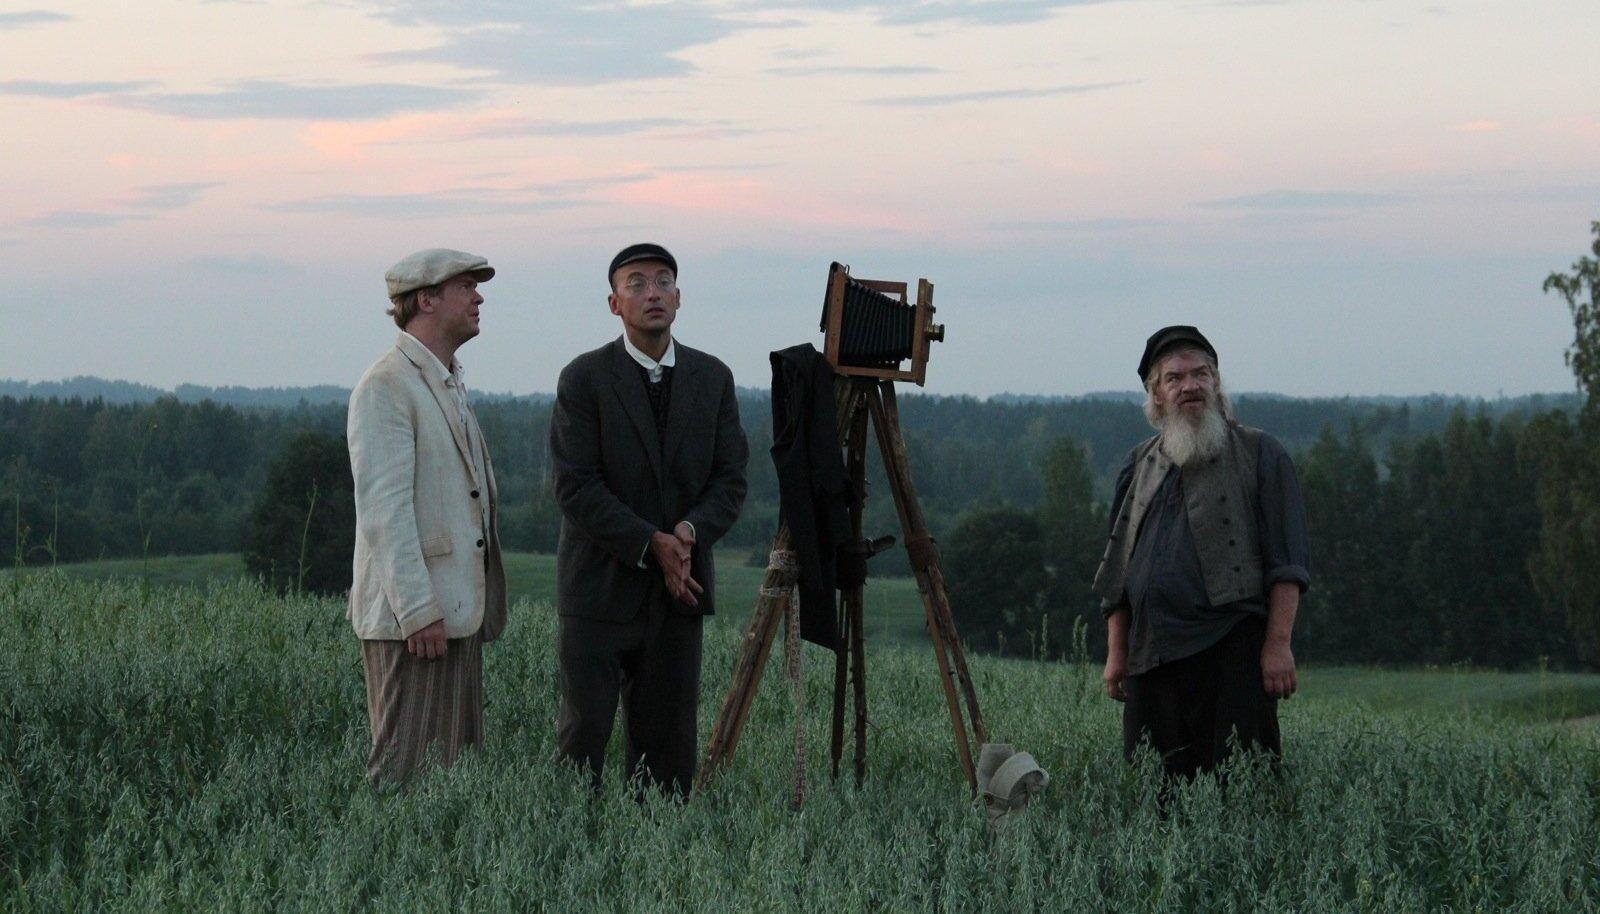 Mehed mäel. Ott Sepp, Märt Avandi, fotoaparaat ja Margus Mikomägi. Ehk siis Johannes Pääsuke, Harri Voltri ja setu peremees. Eestimaa on imeilus.